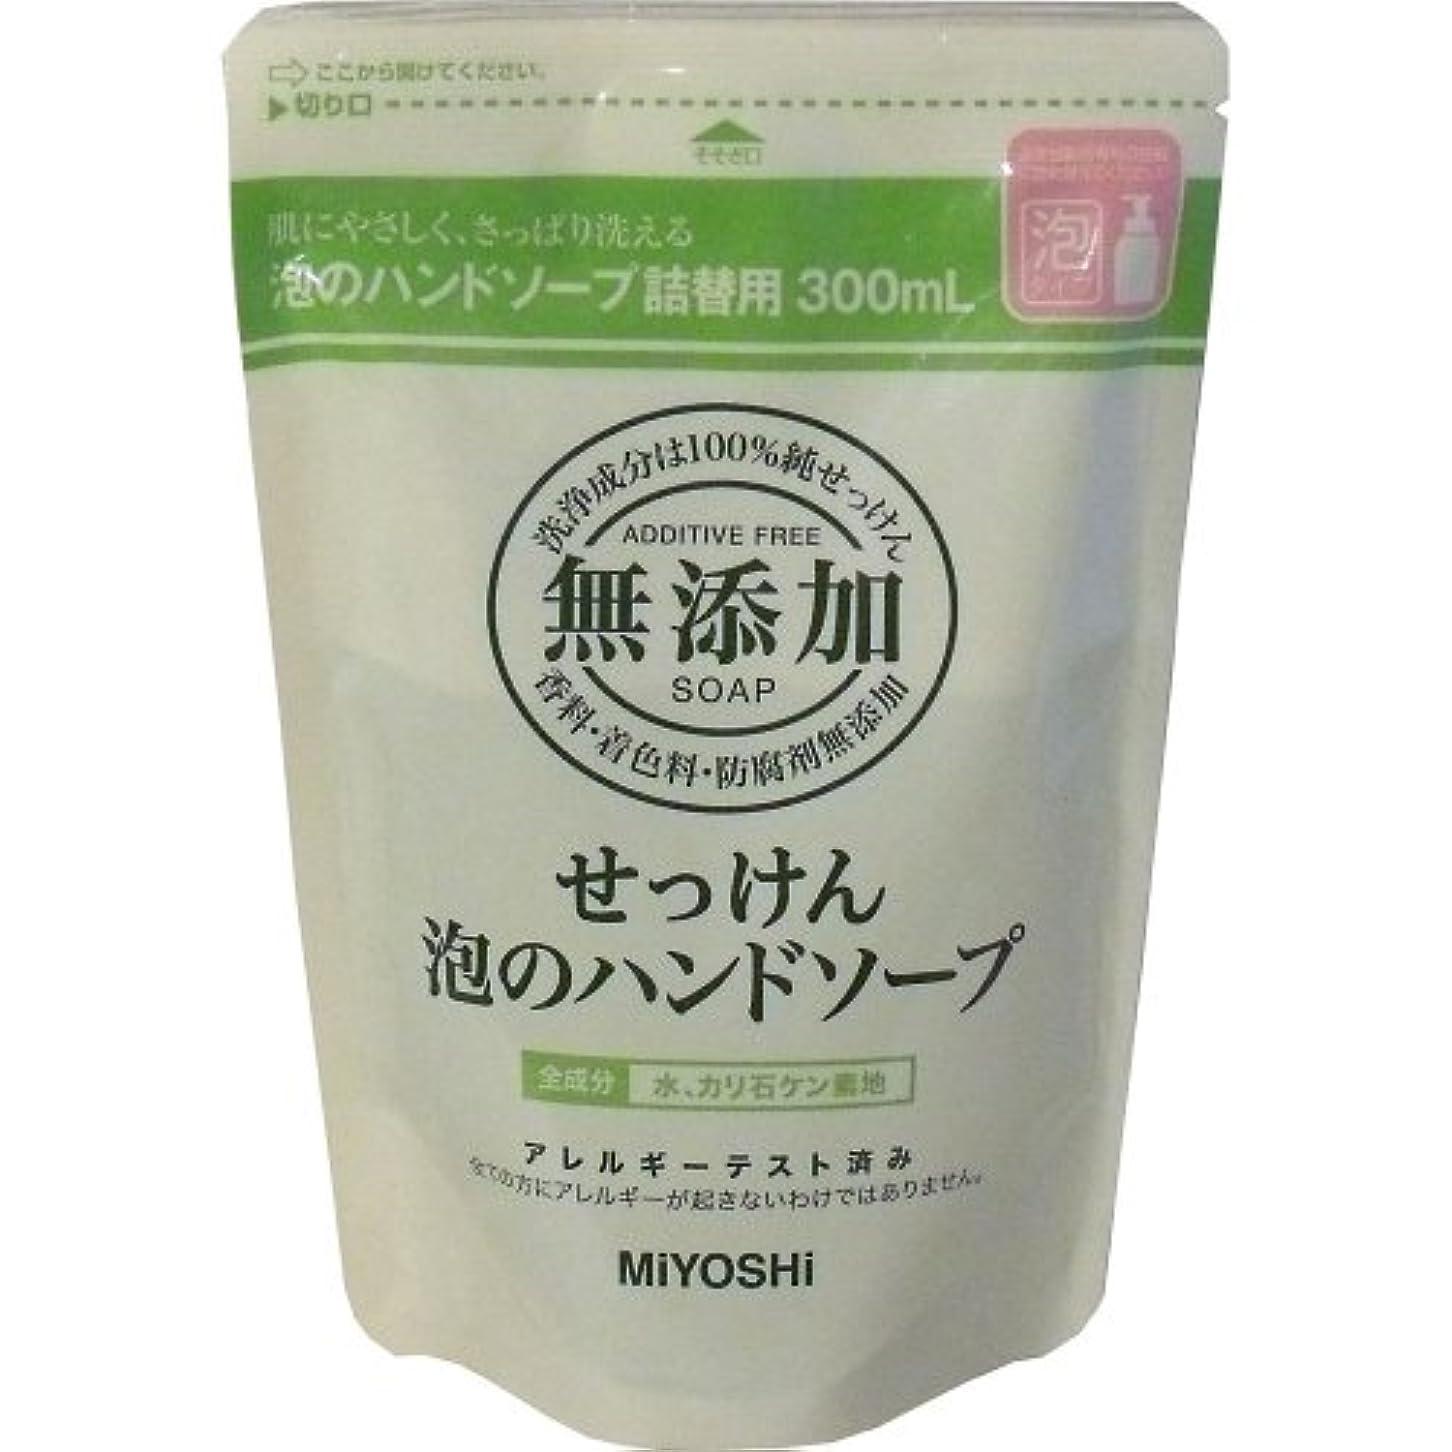 コンサルタント朝いっぱいミヨシ石鹸 無添加せっけん泡ハンドソープ 詰替用300ml×5